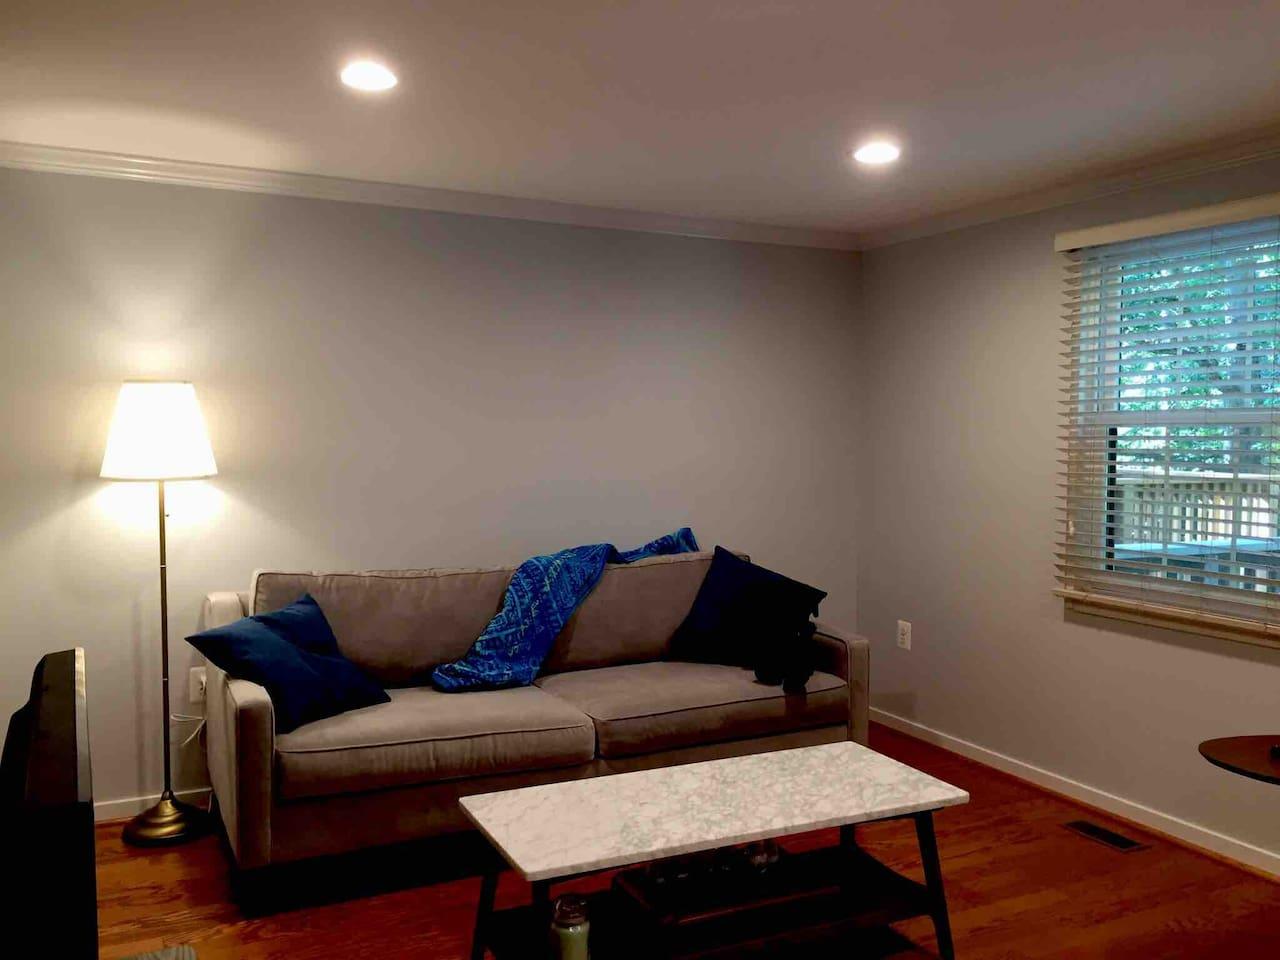 定制的美国顶级名牌沙发West elm,舒适的程度,期待你来体验!名符其实的大理石茶几,喝个功夫茶,聊聊人生,谈谈心,一次旅游,规划出不一样的未来!